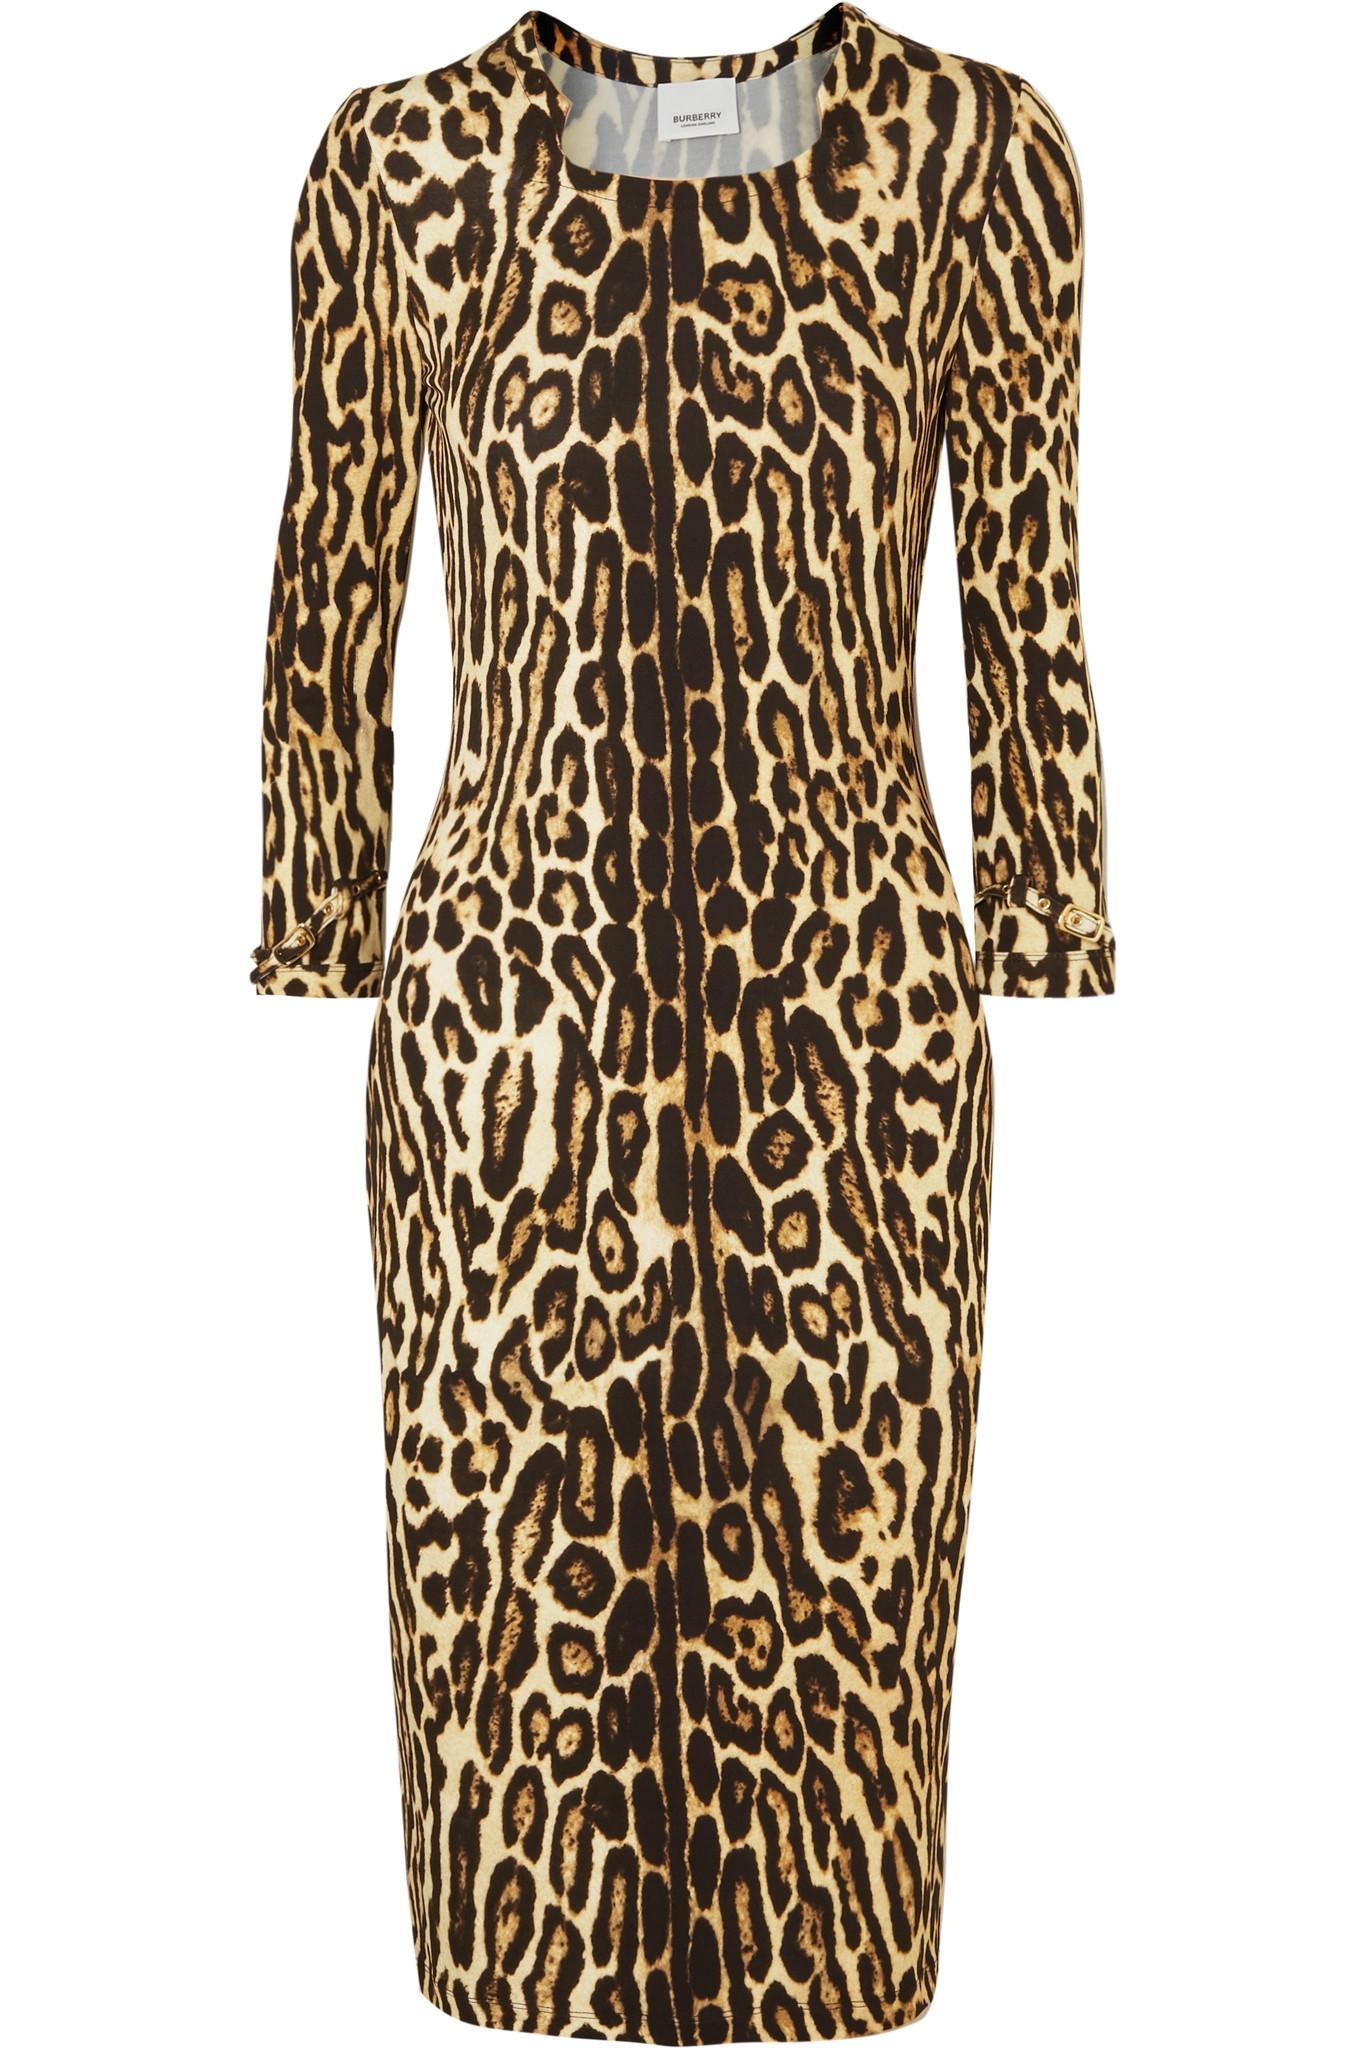 c3b3d6975beb Lyst - Burberry Leopard-print Stretch-jersey Dress